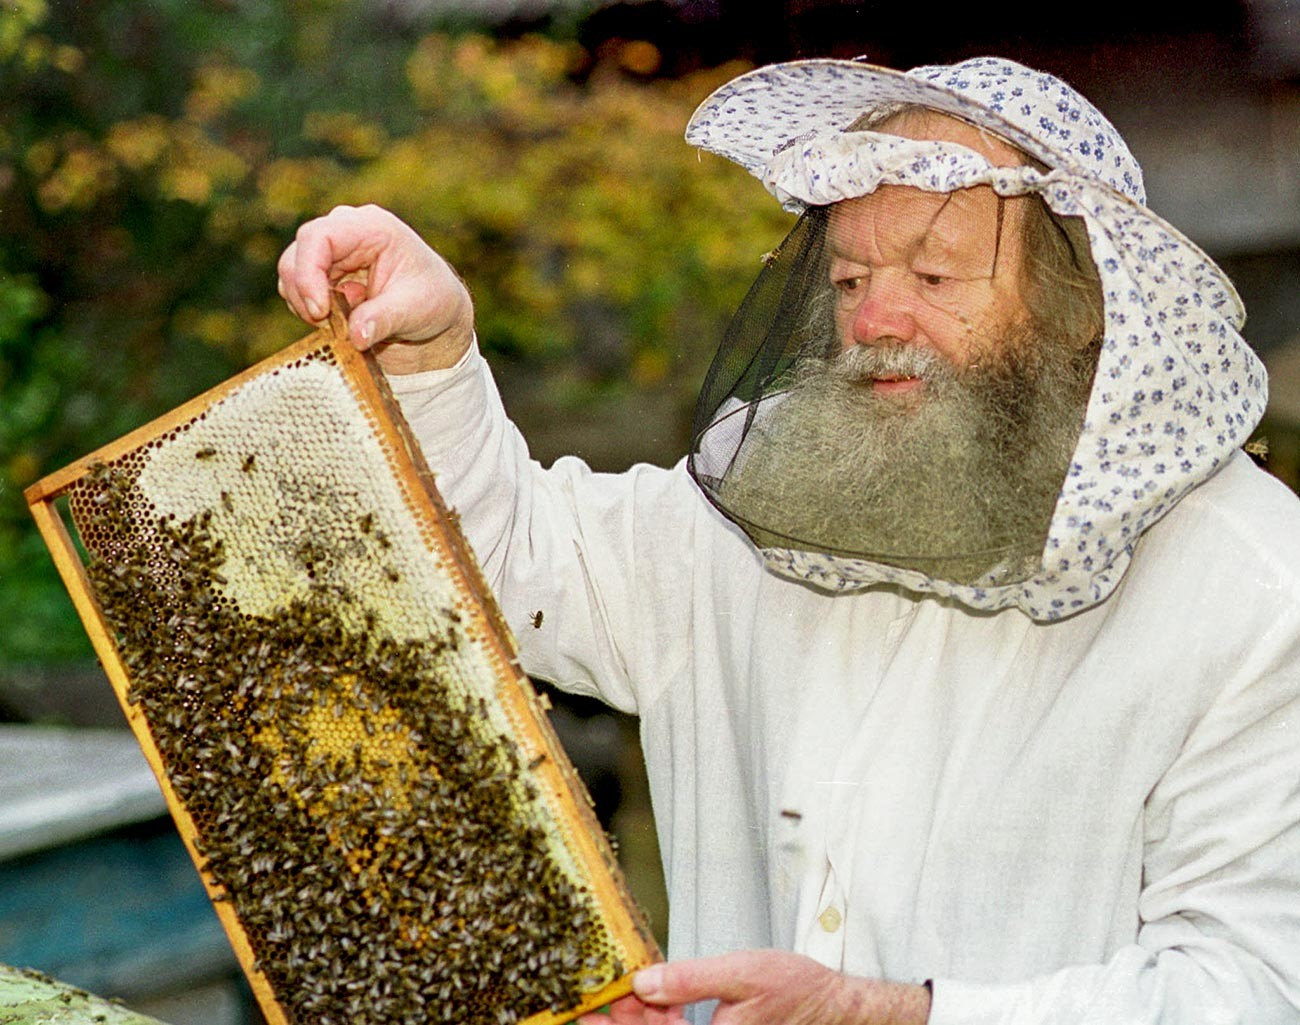 У пчелињаку сибирског травара.